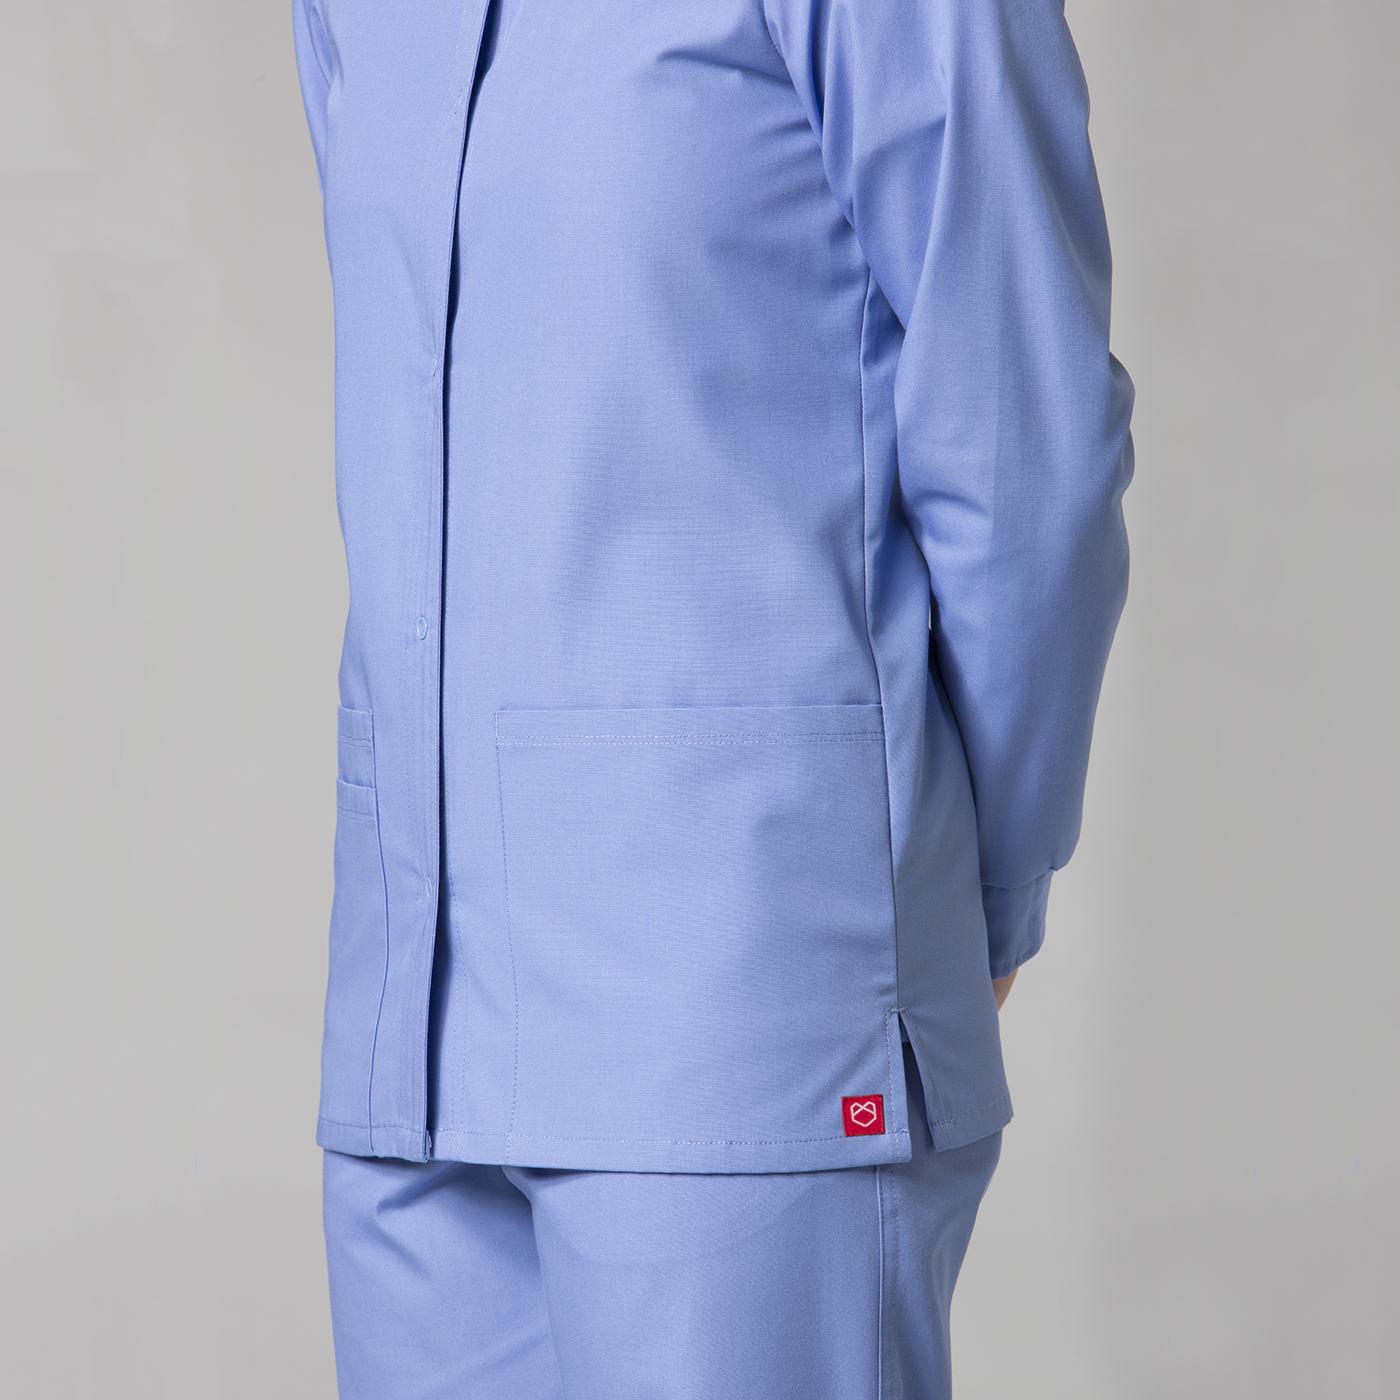 8706 Jacket